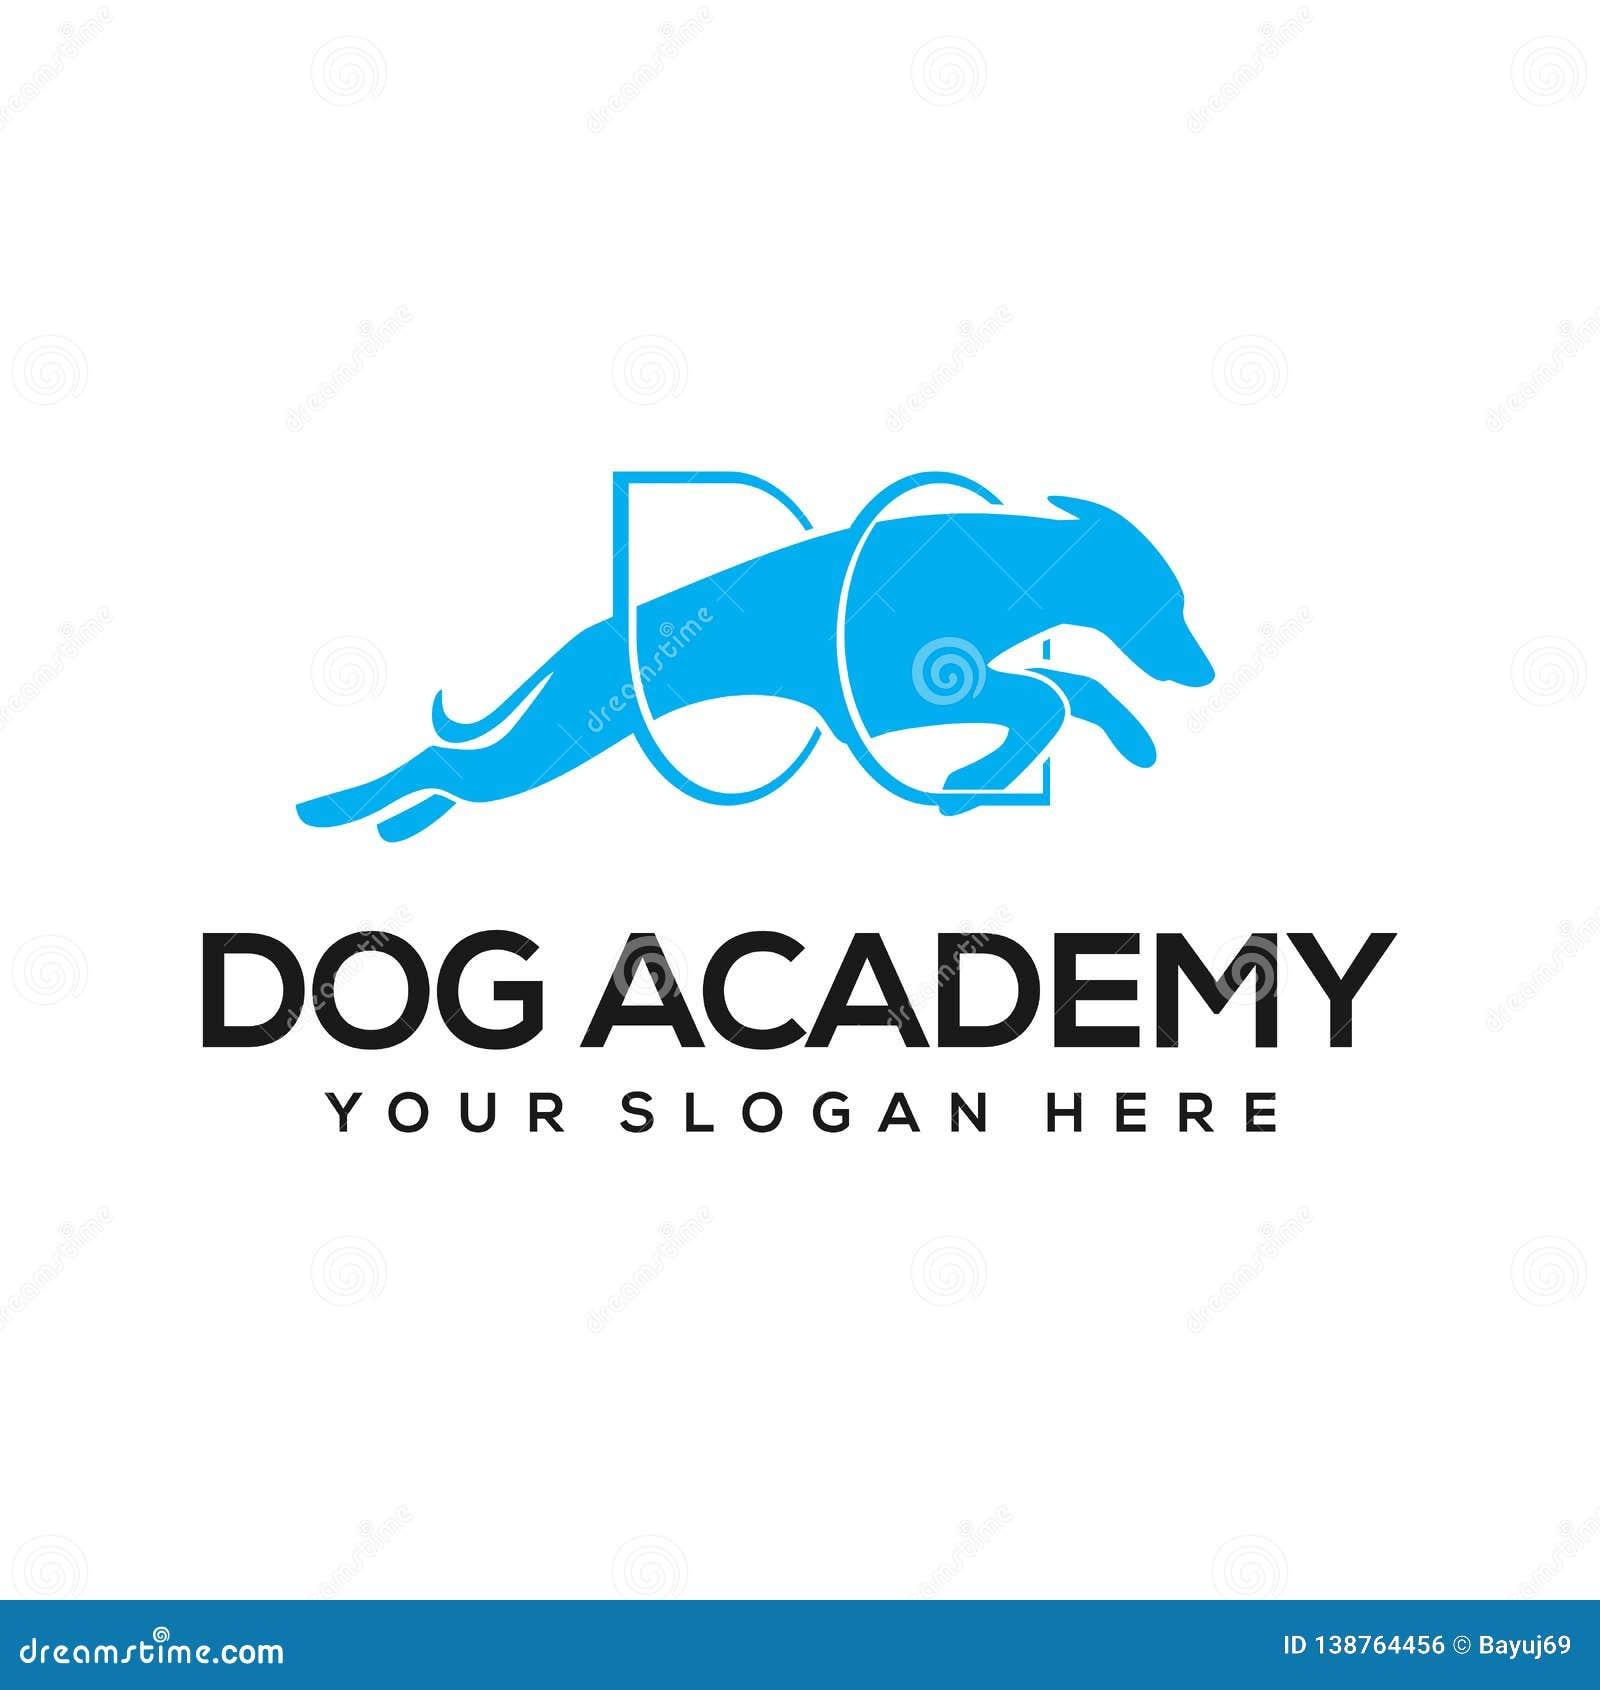 Dog academy logo design inspiration